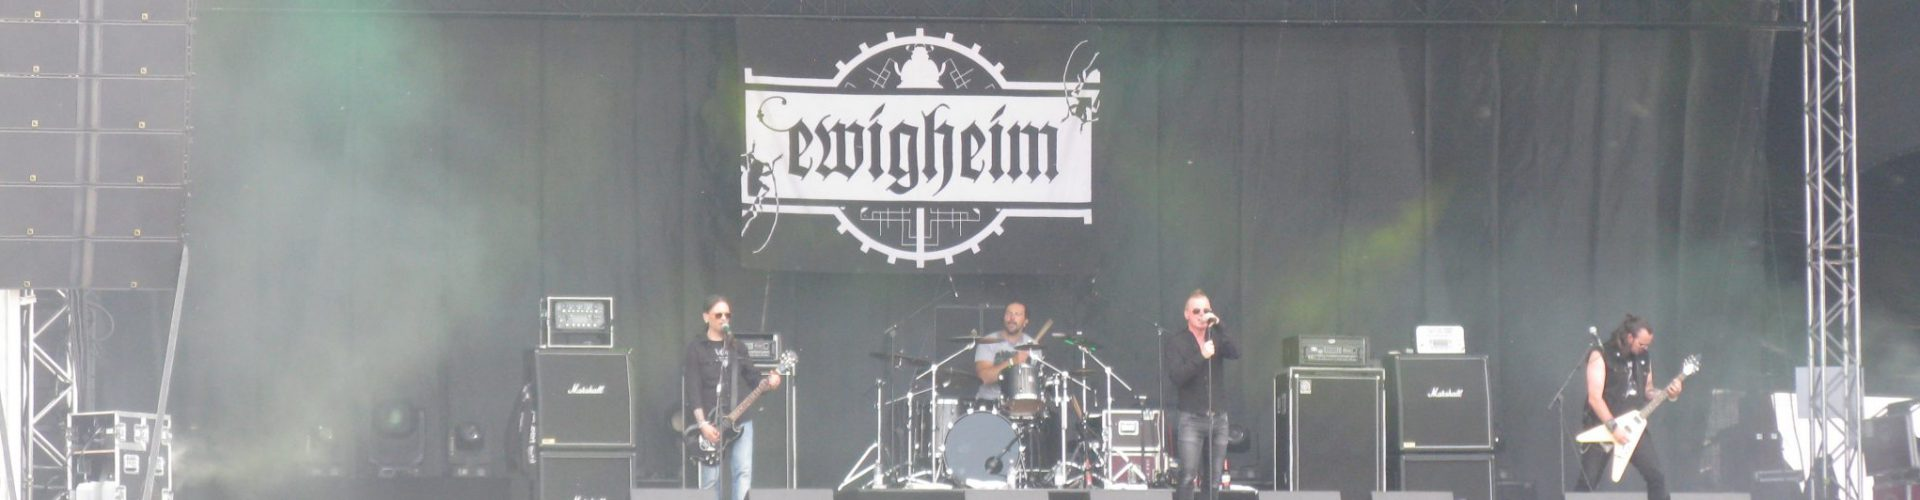 Ewigheim_Rockharz_M Glaeser